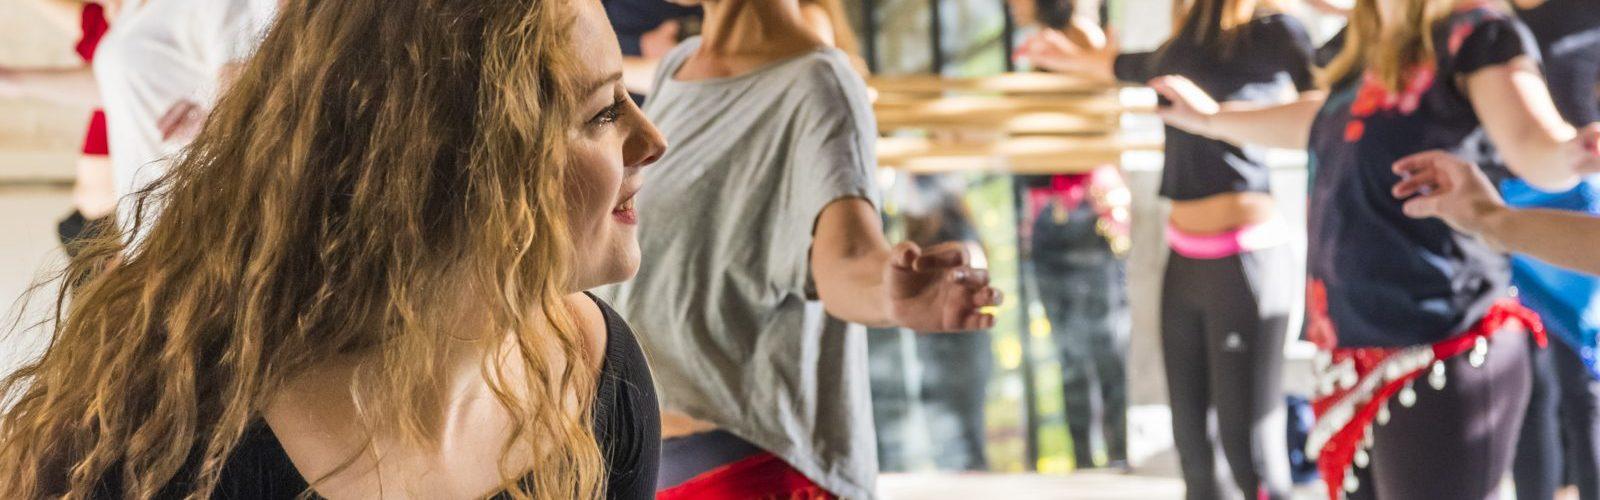 «La préparation du danseur»: perfectionnement pour aller plus loin dans sa danse